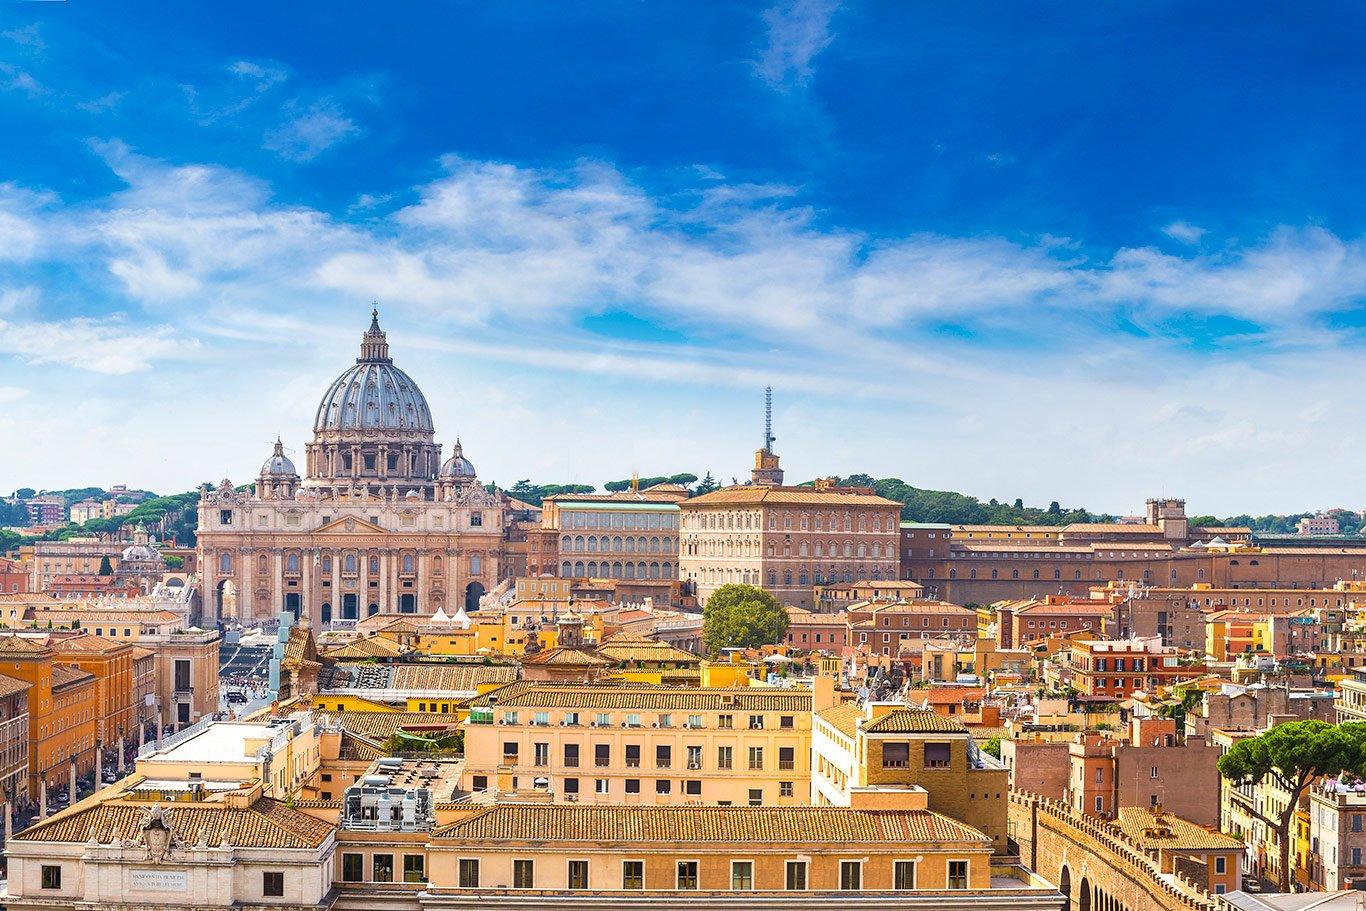 Rzym i Watykan ****